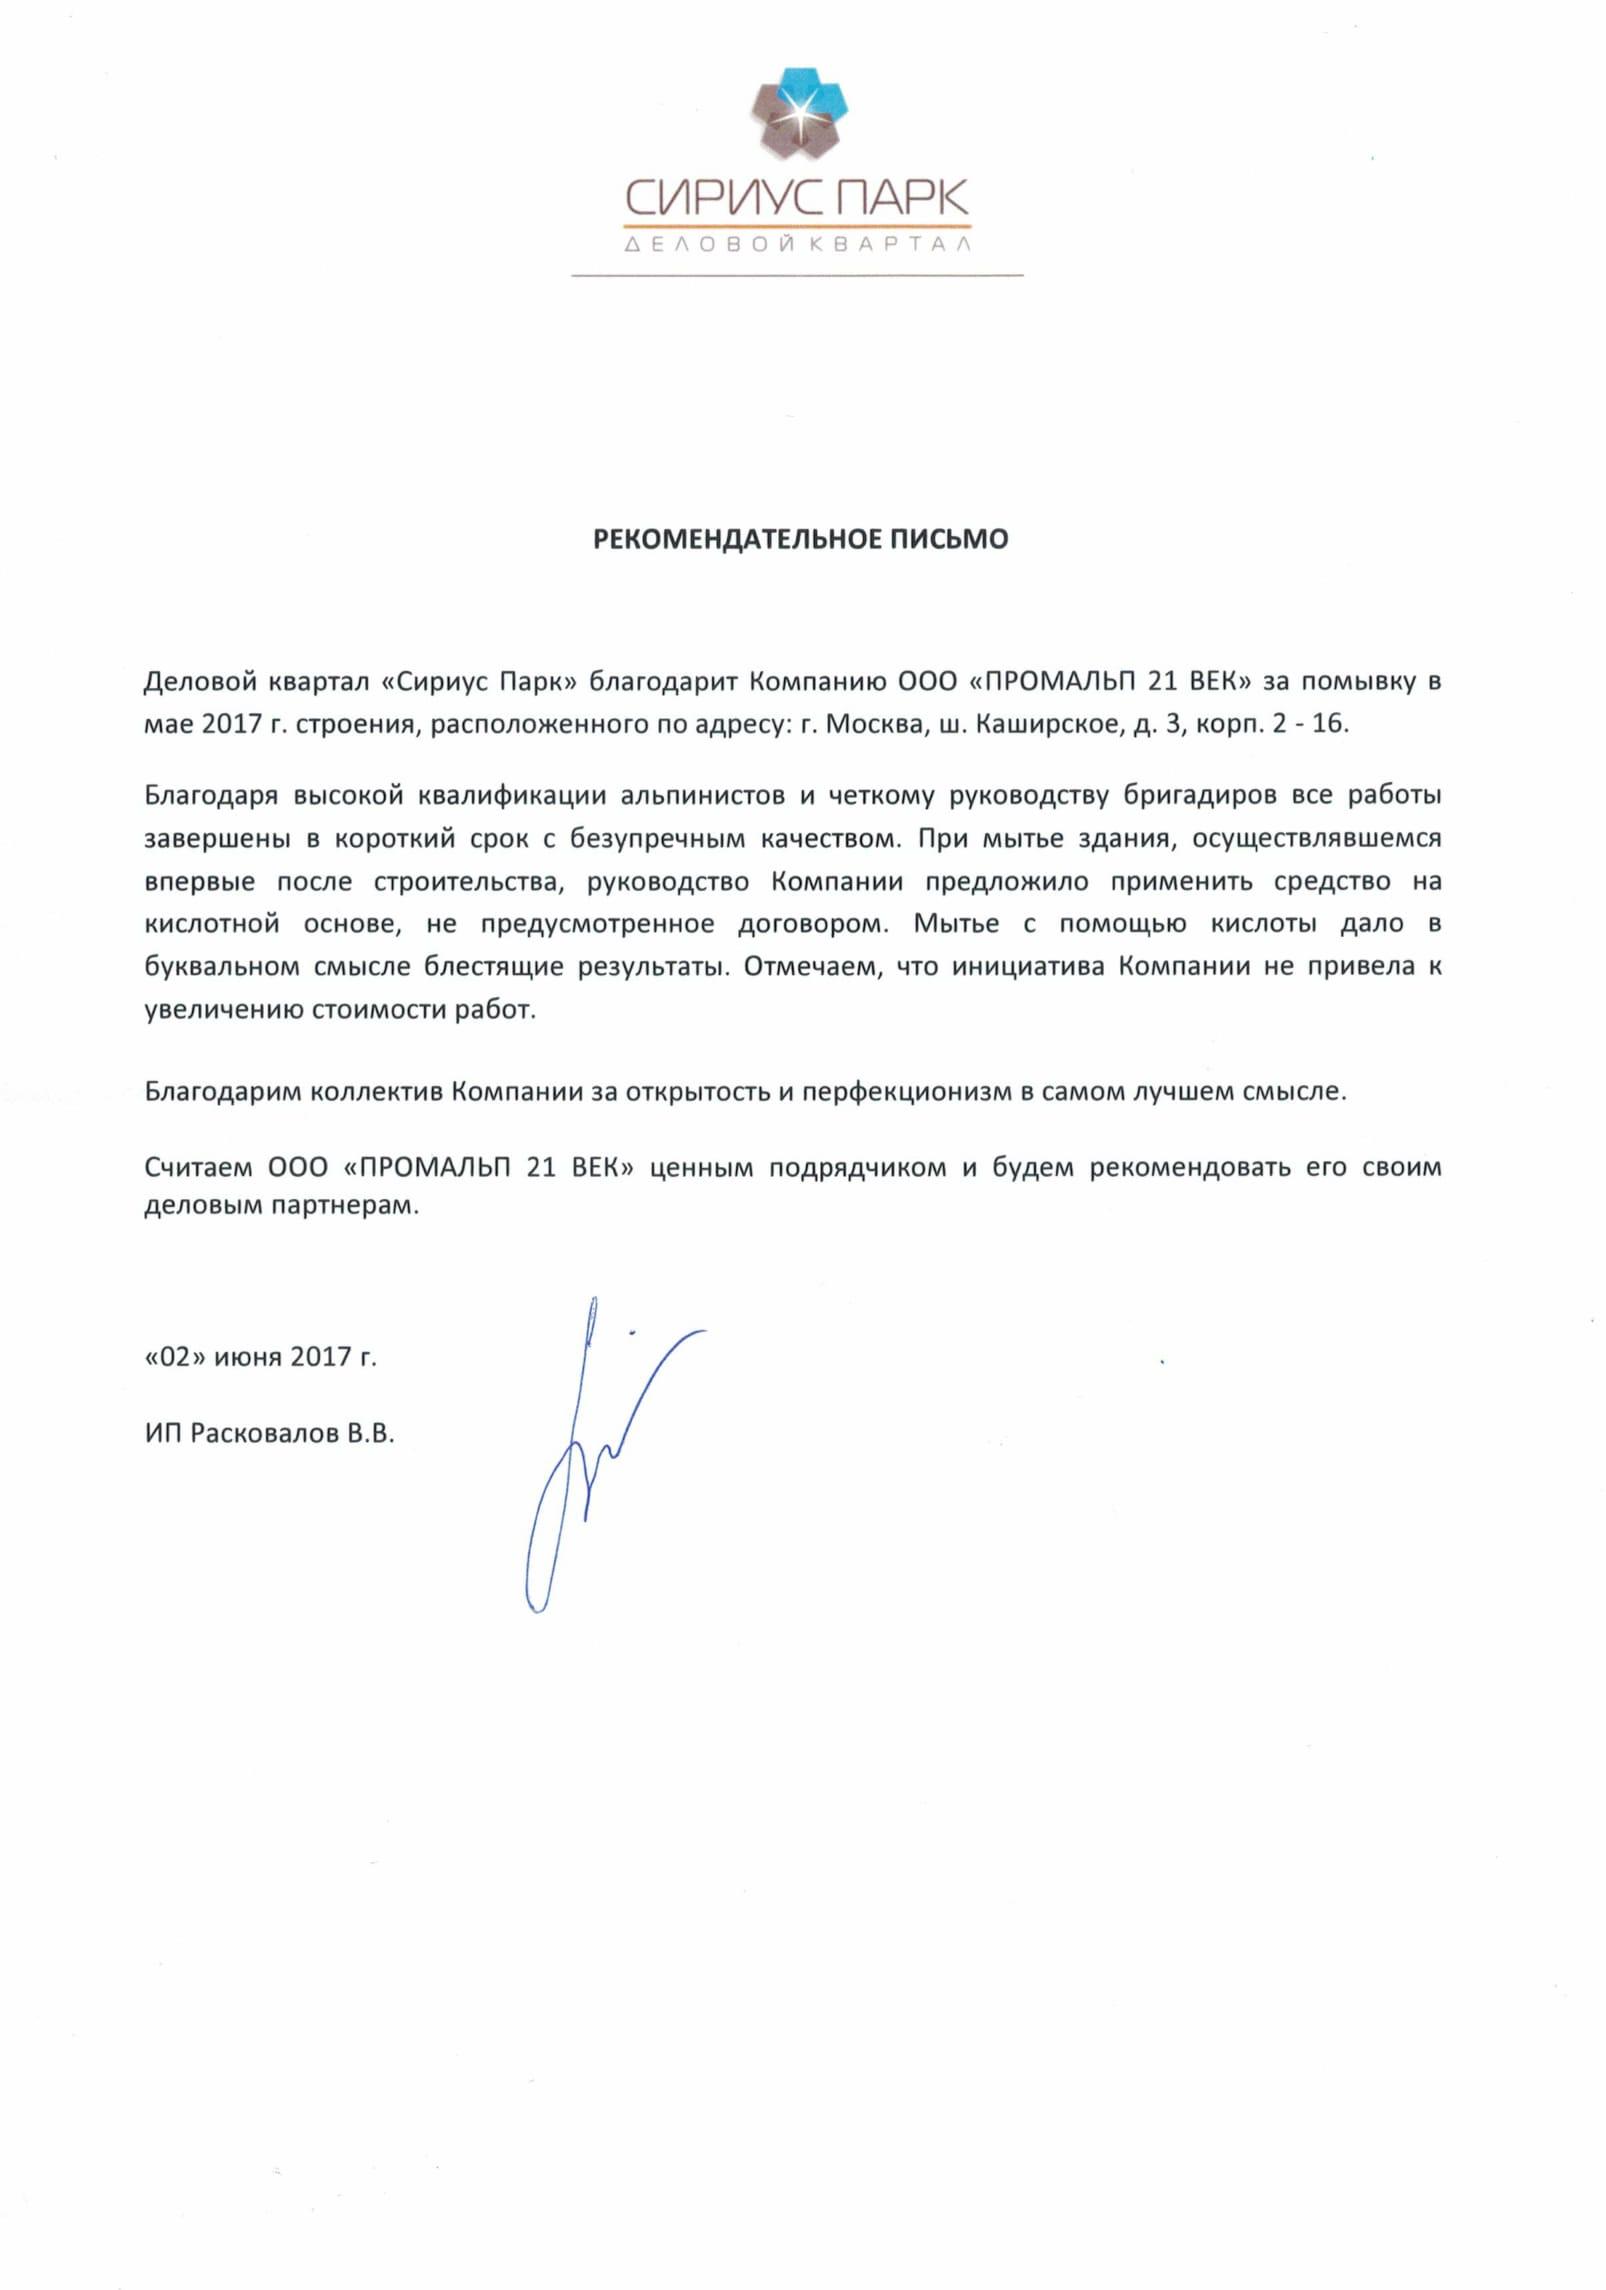 """ДК """"СИРИУС ПАРК"""" – Рекомендательное письмо"""